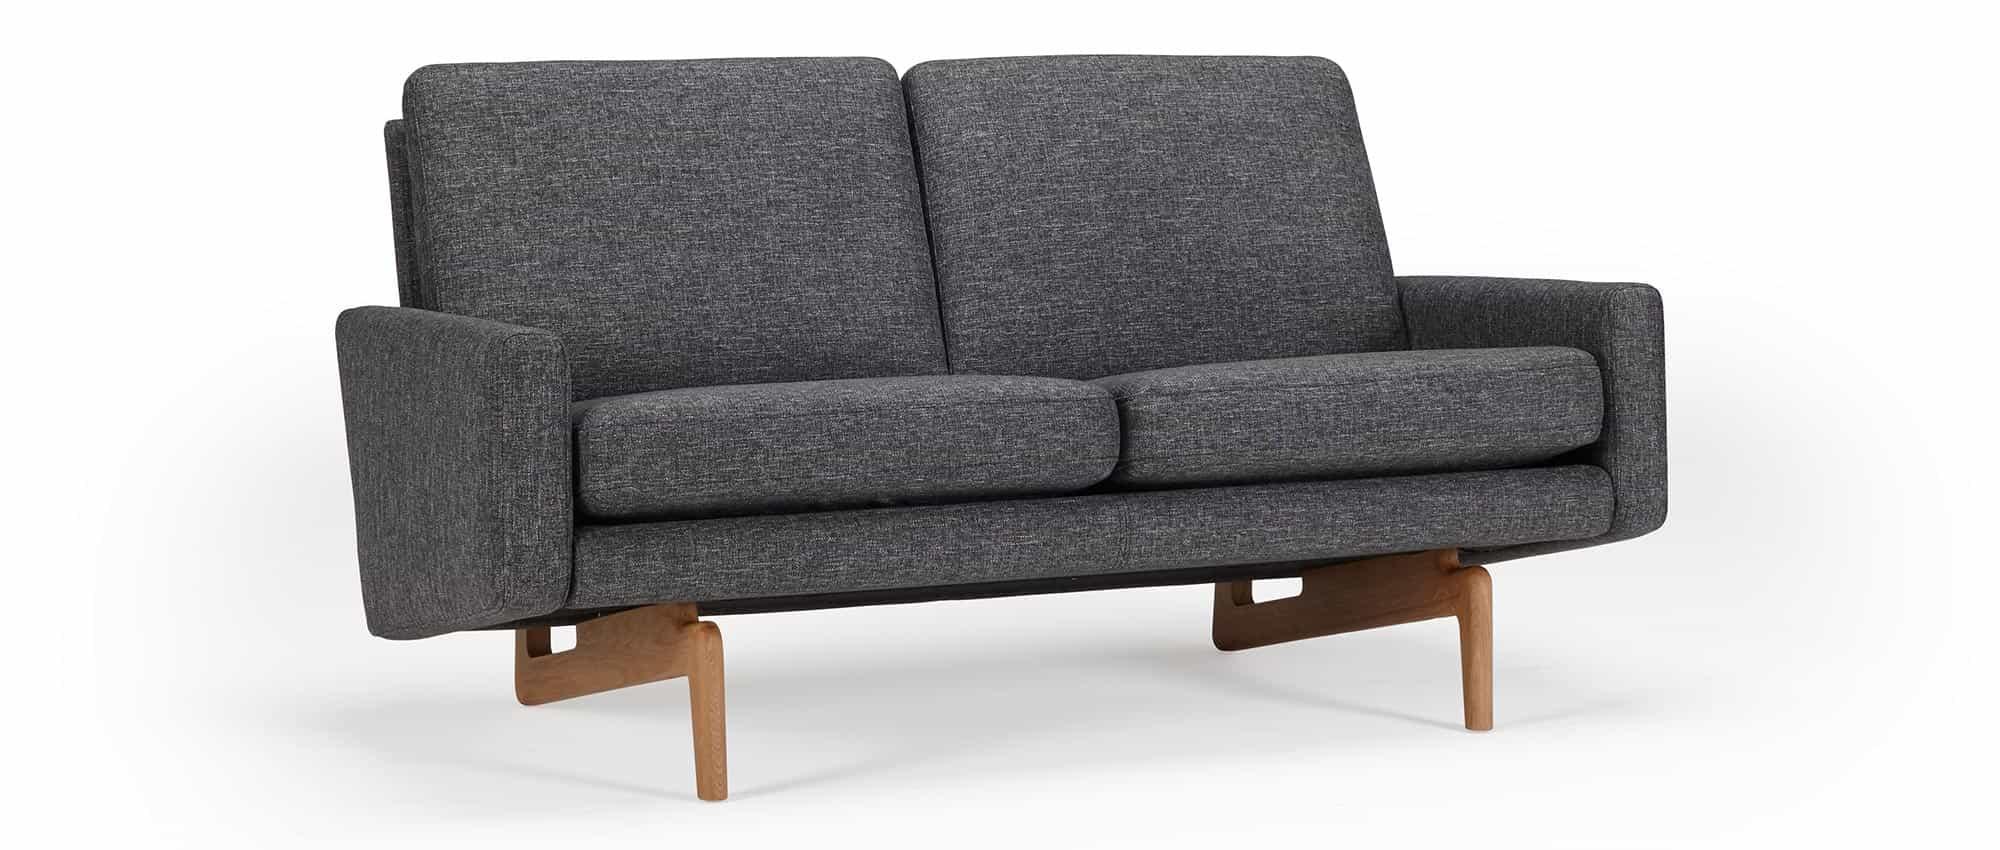 designer sofa kopenhagen als 2 sitzer mit polsterarmlehnen und holzf en. Black Bedroom Furniture Sets. Home Design Ideas